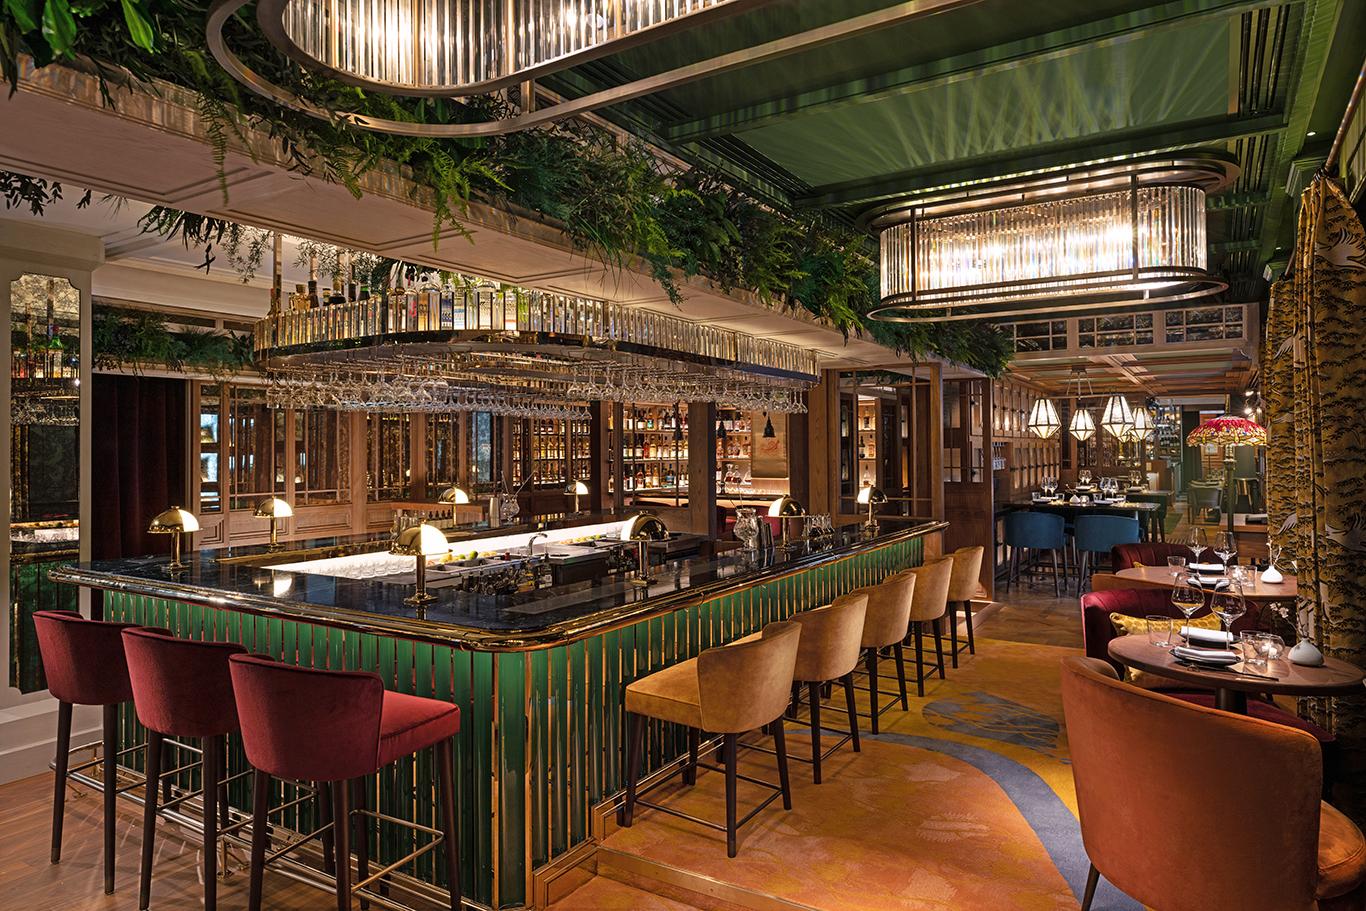 The Aubrey restaurant at Mandarin Oriental, Hong Kong